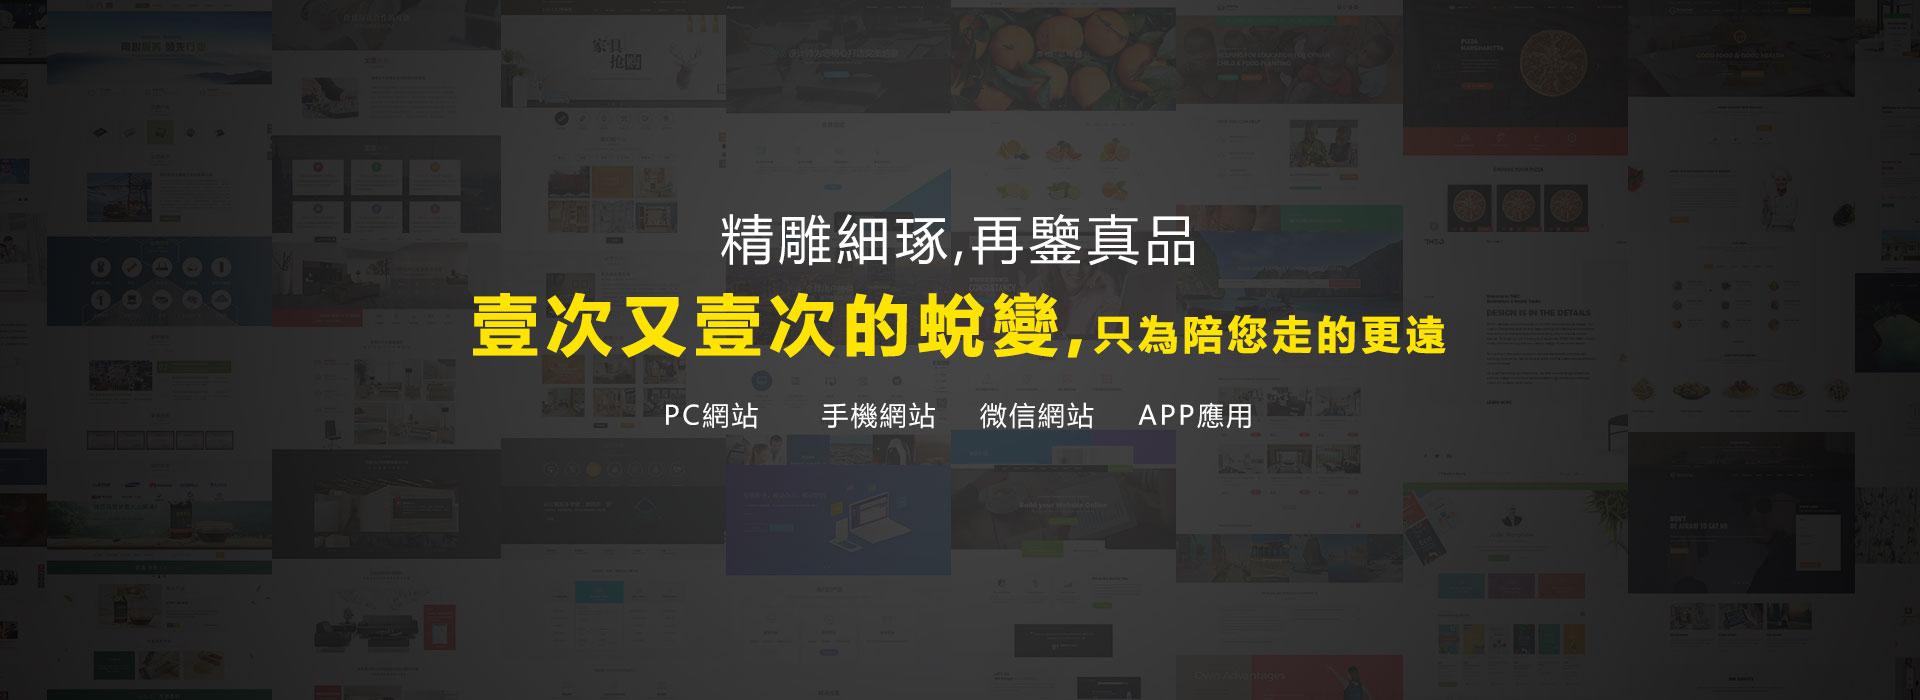 香港網站建設